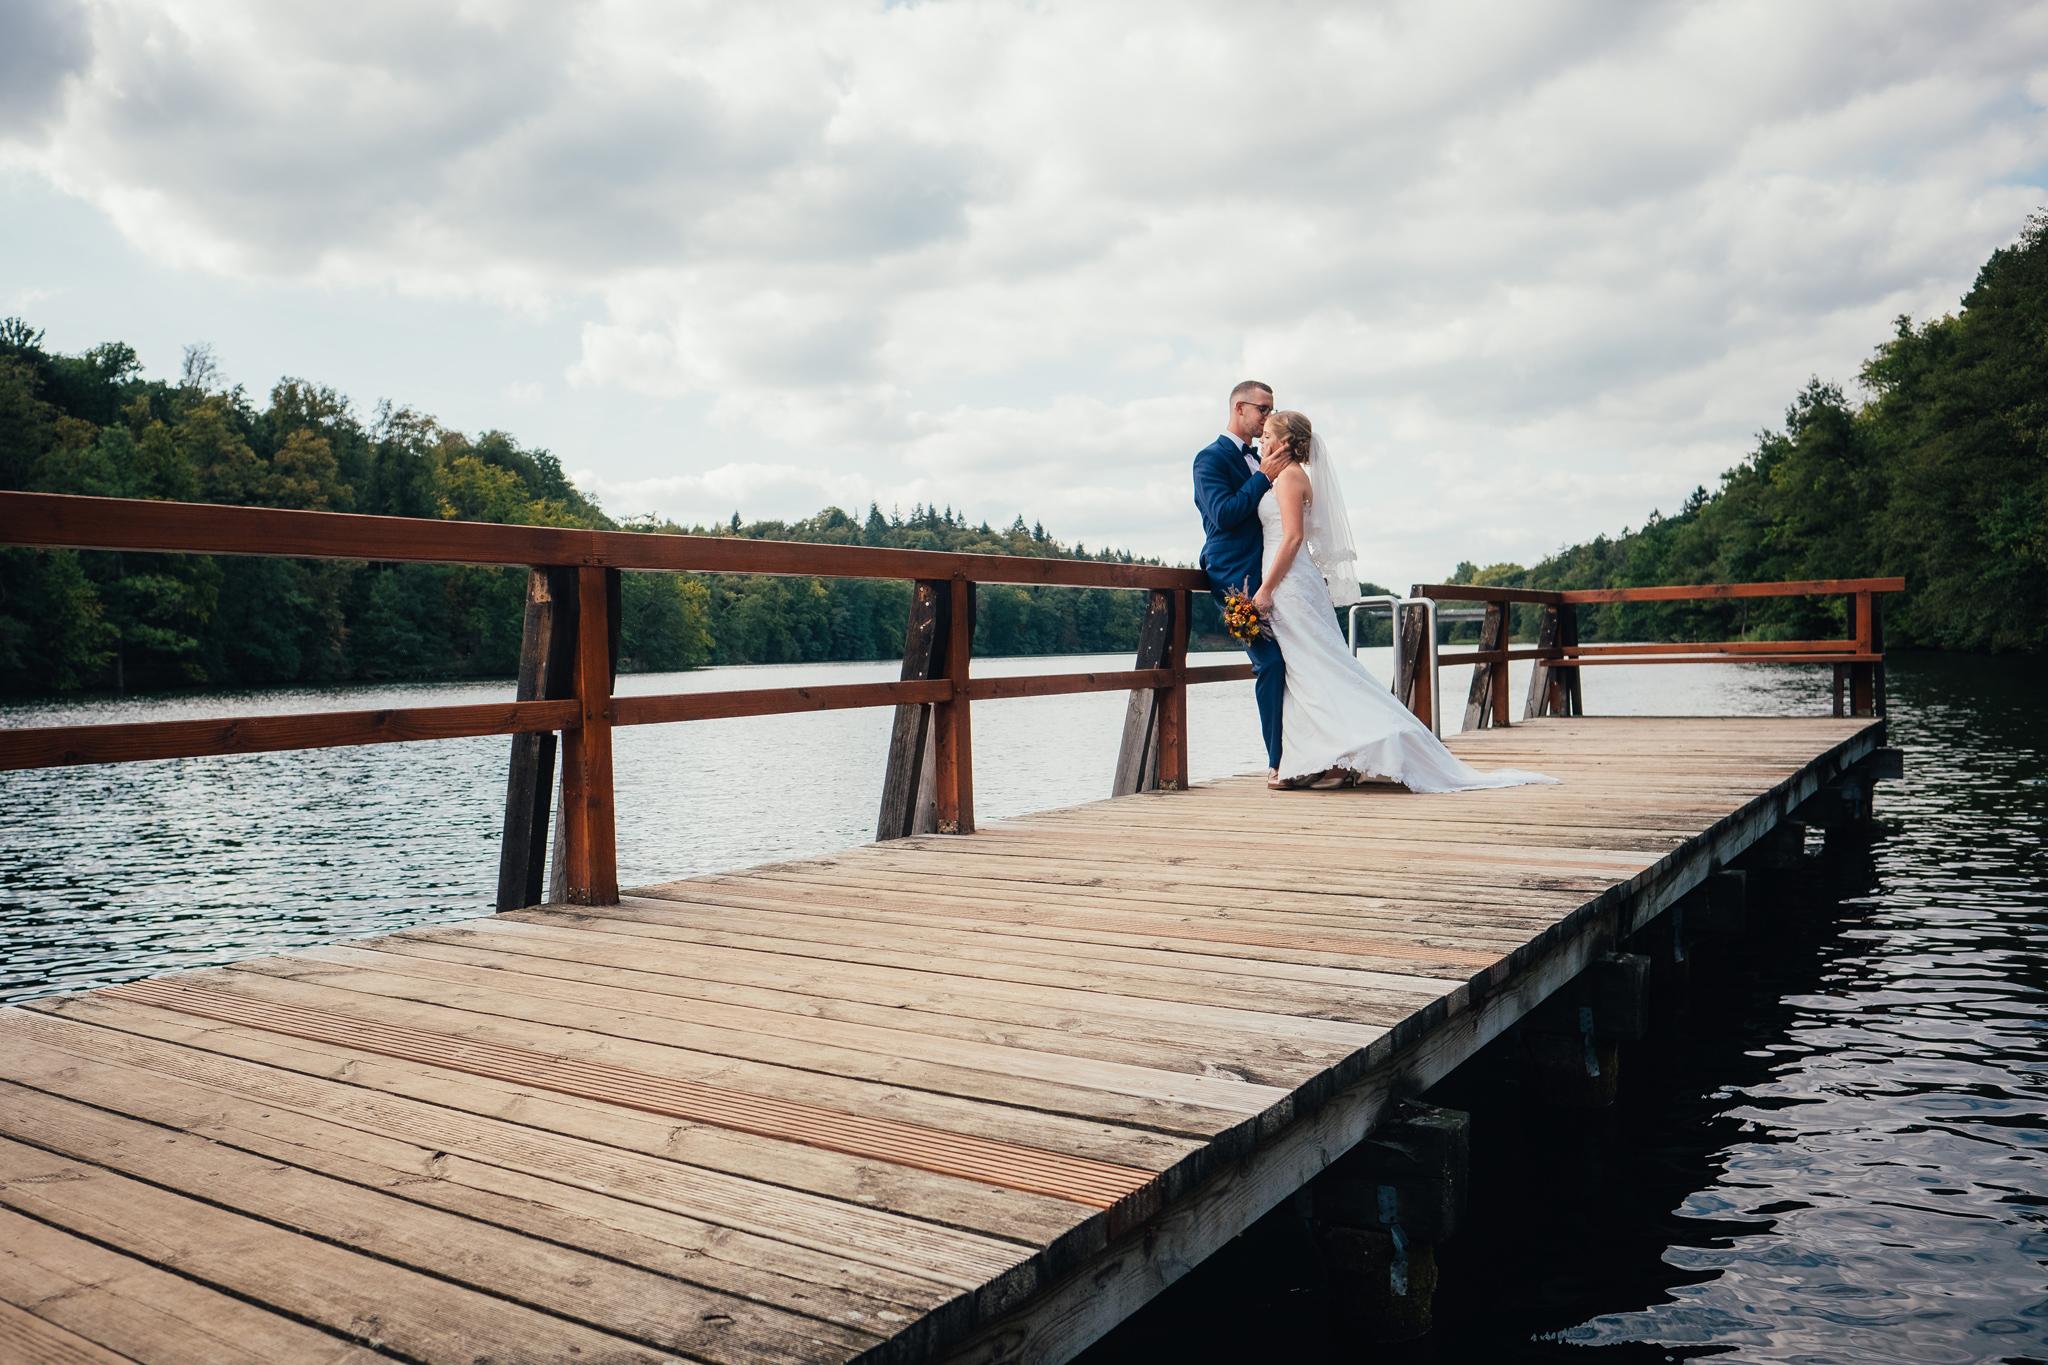 Hochzeitsfotograf-Berlin-Hochzeit-Seeschloss-Lanke40